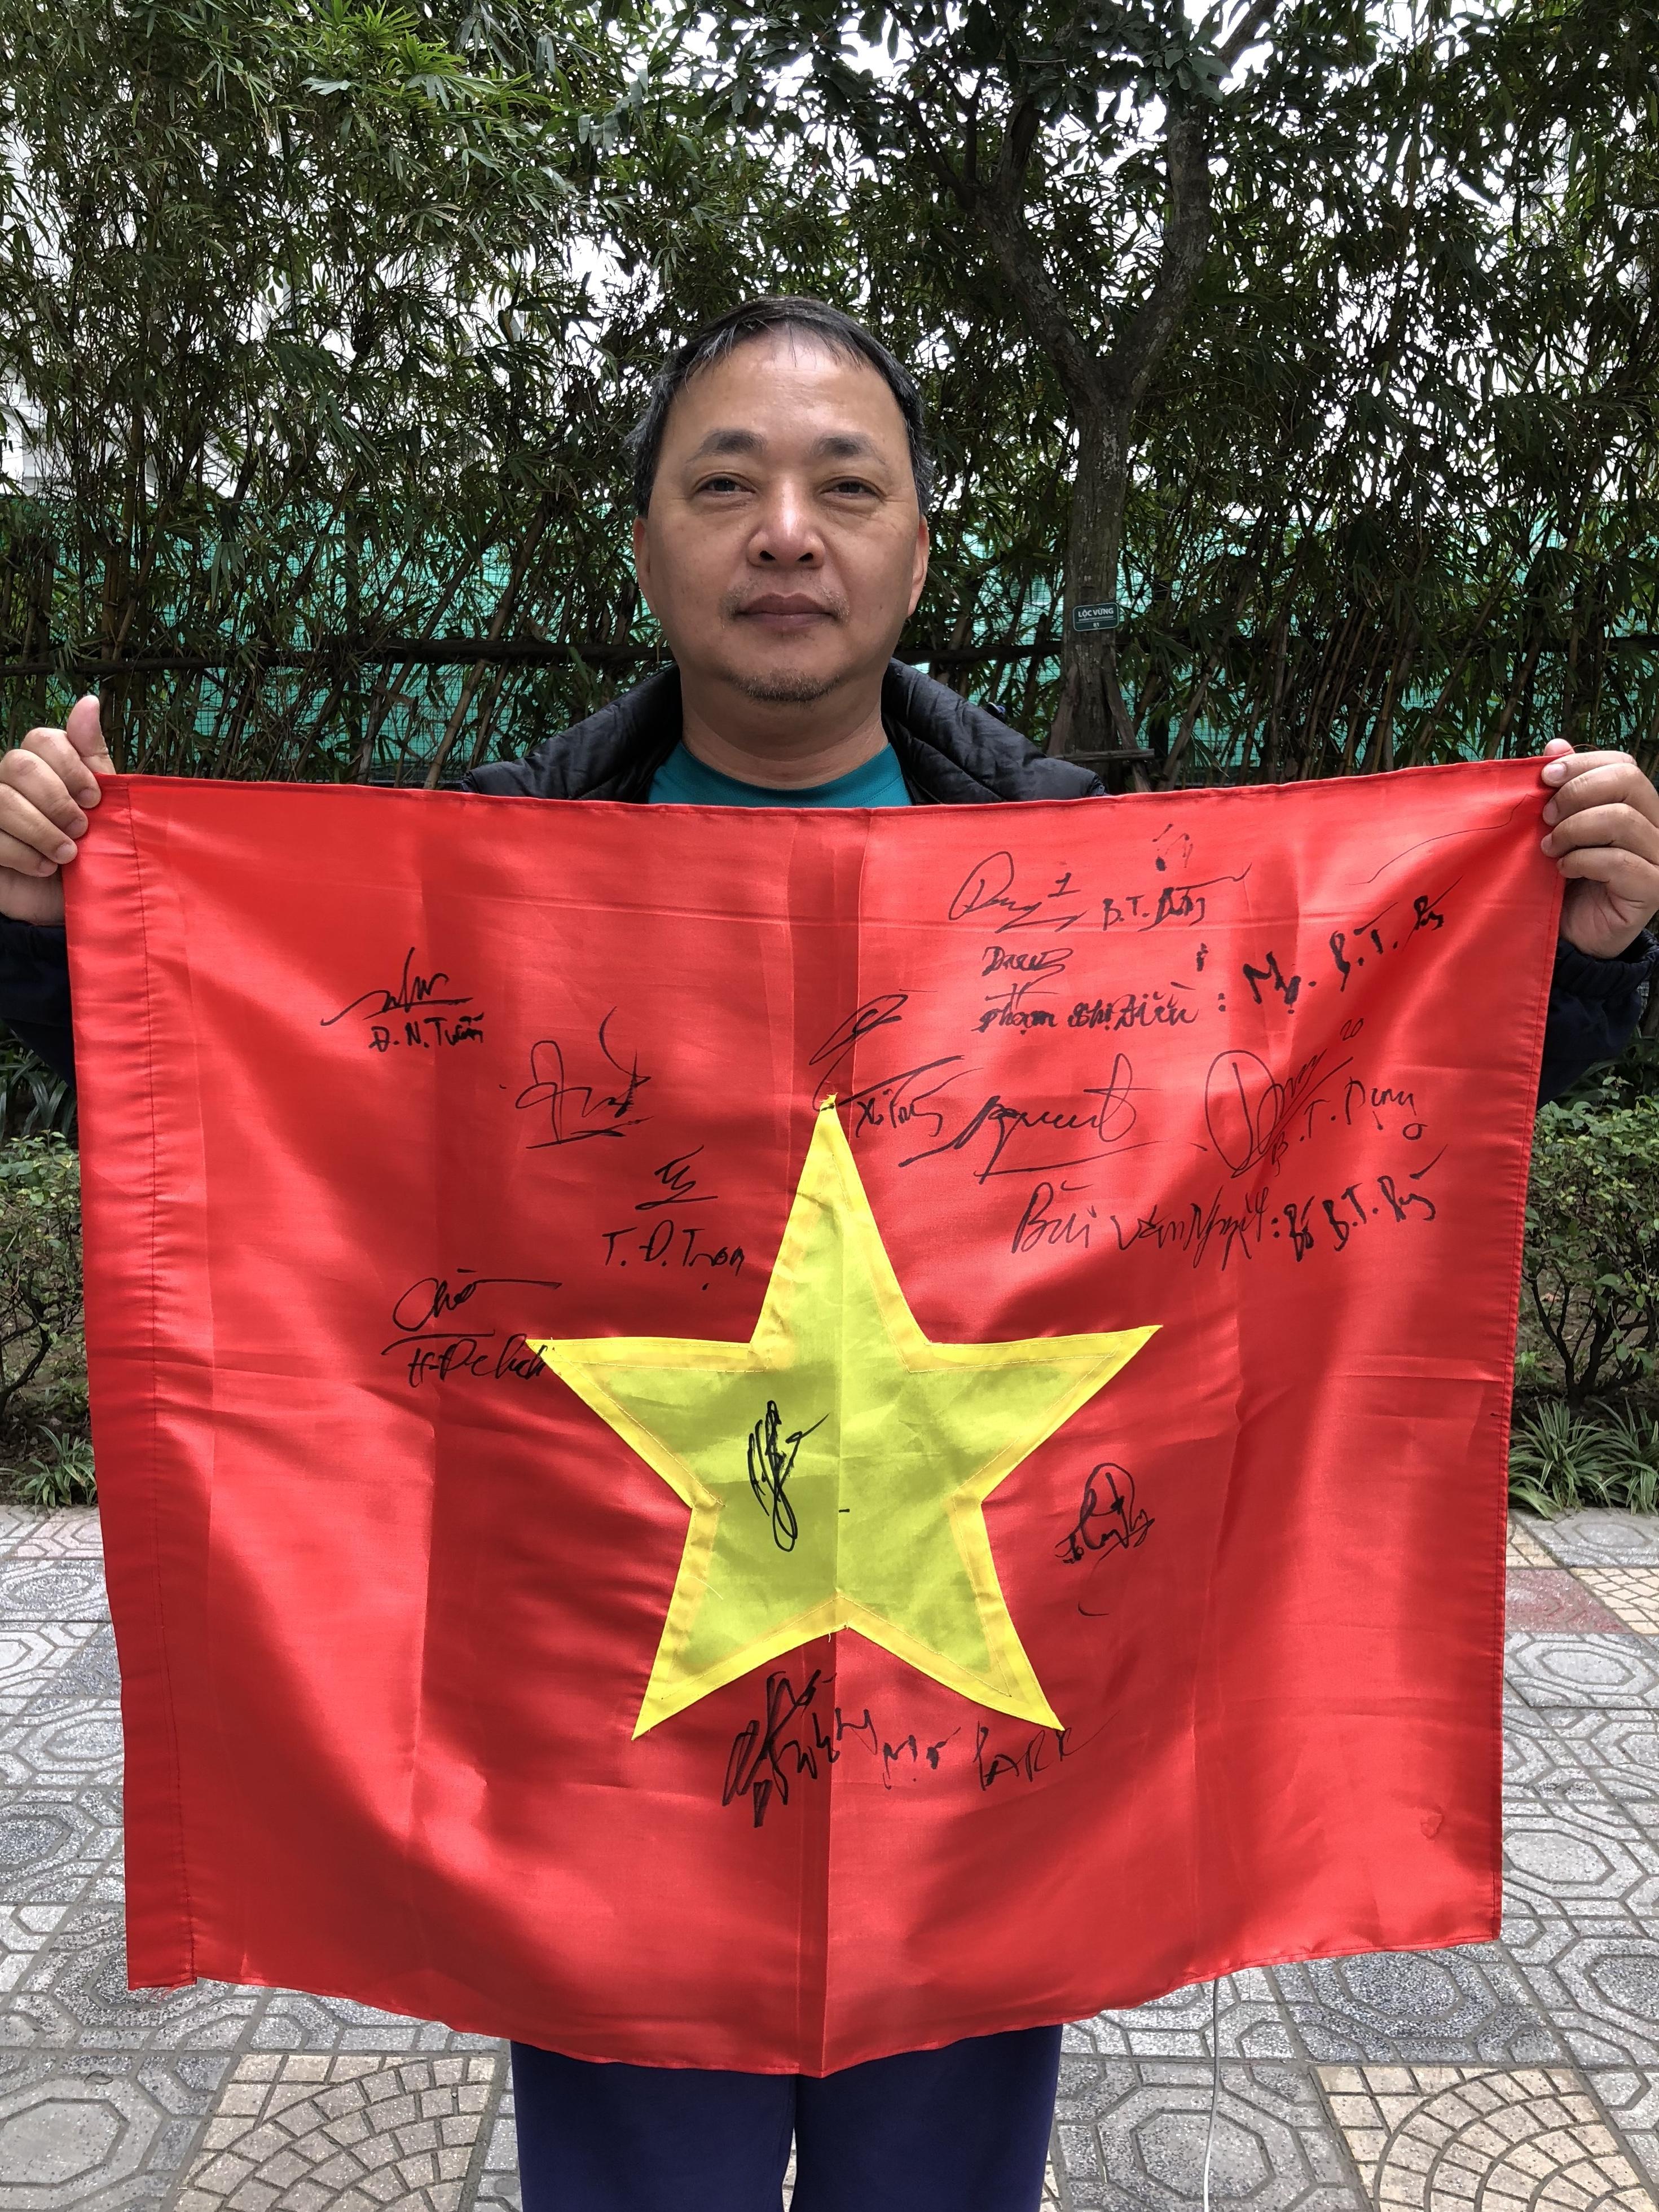 File:Newone - lá cờ chữ ký U23 Việt Nam của lớp tiếng Anh thầy Lâm.jpg